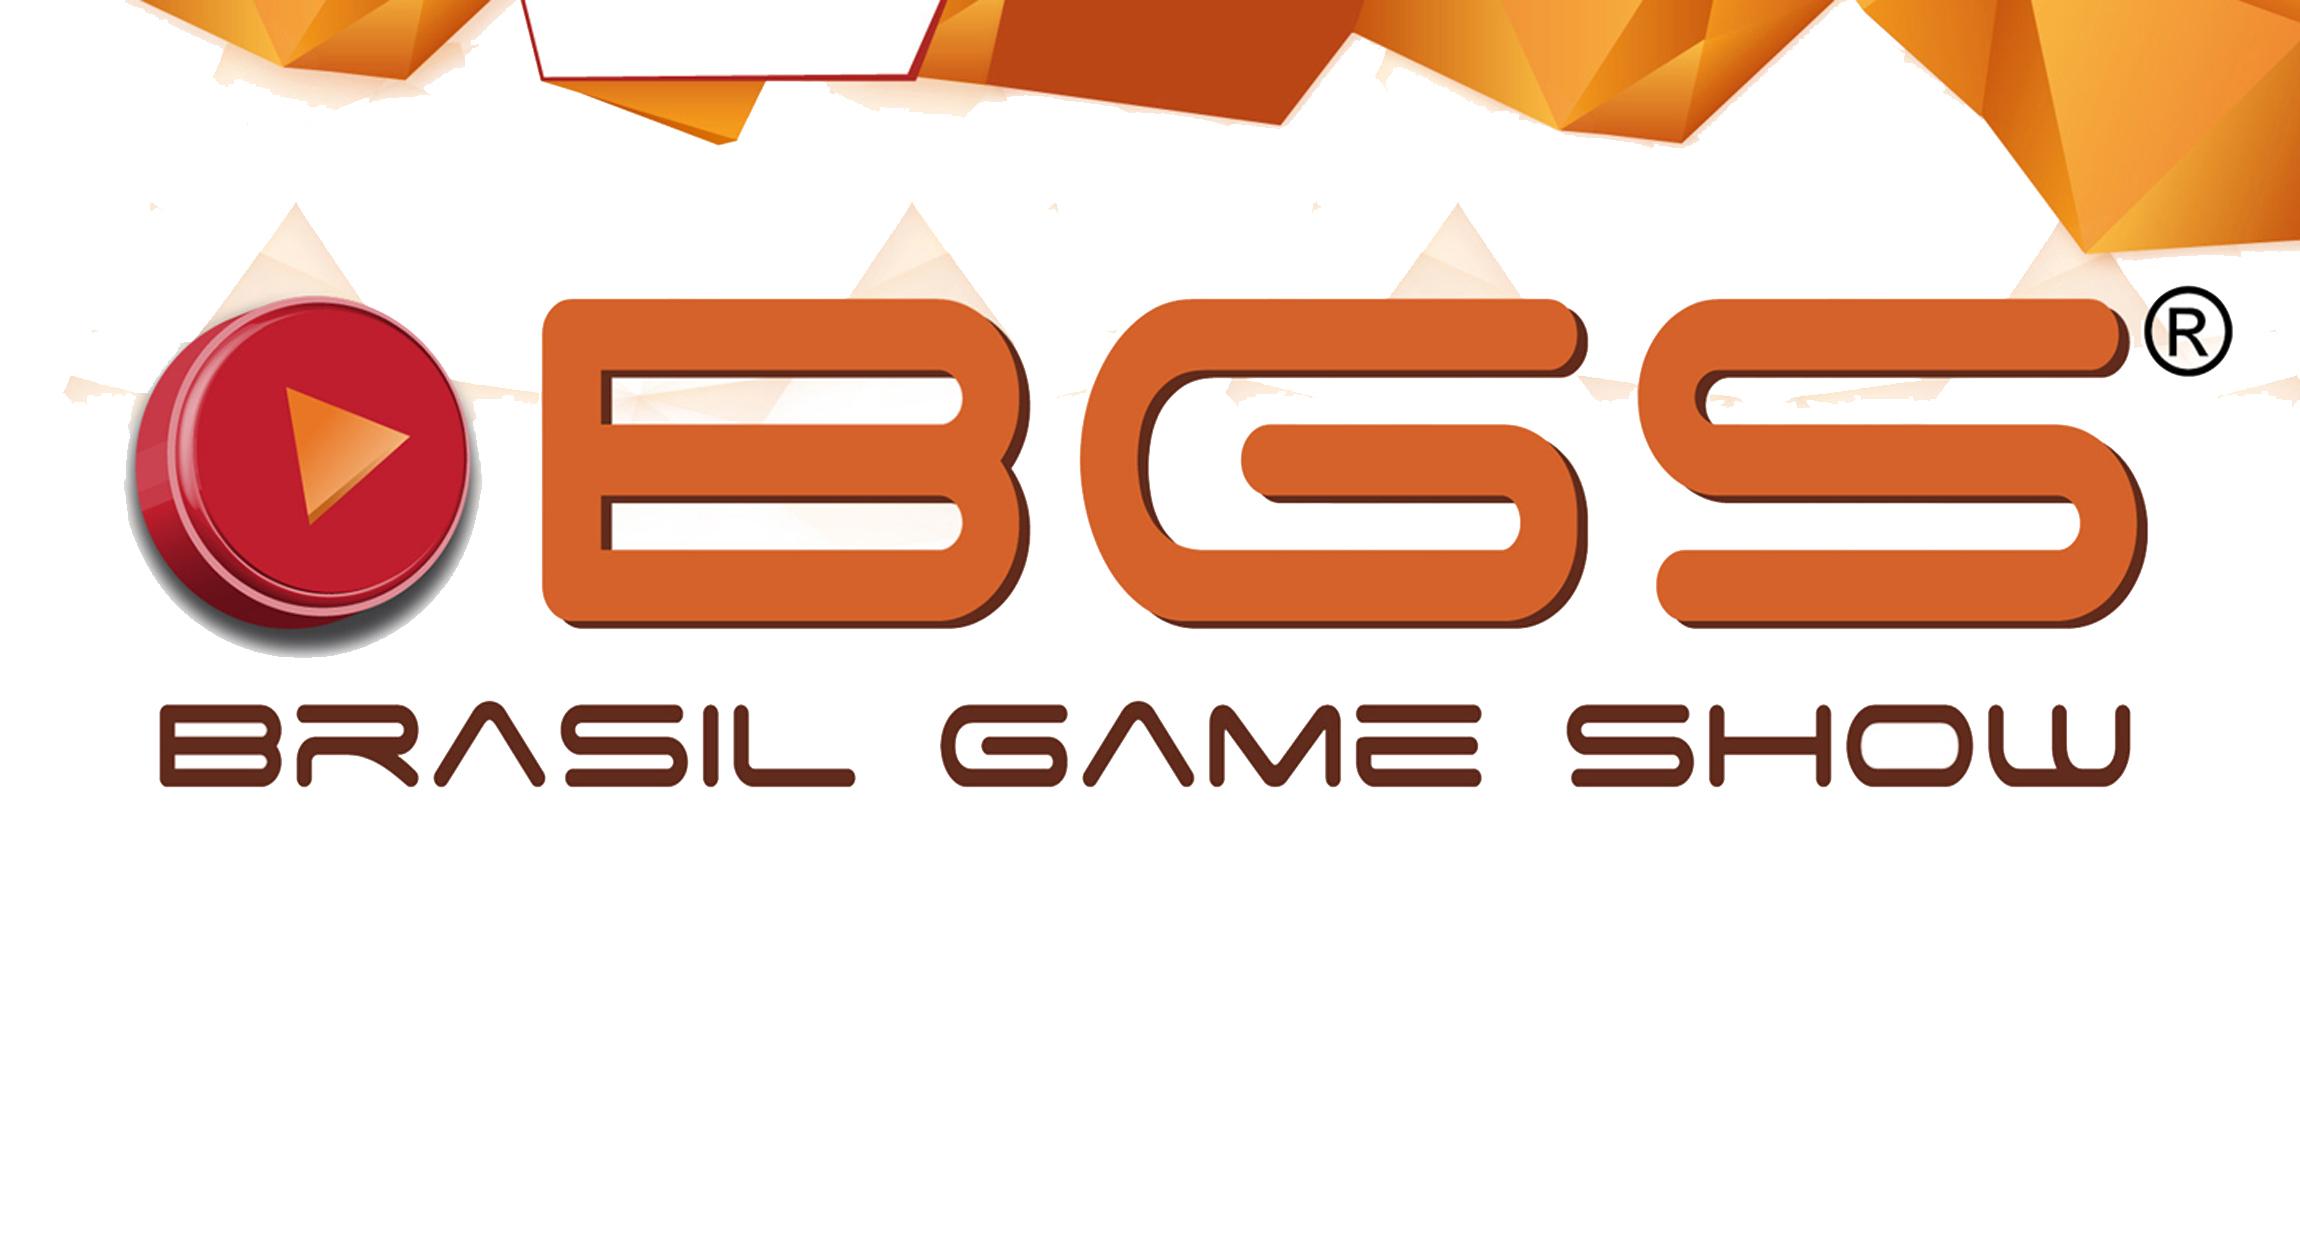 Falkol eSports estreia na BGS com showmatches, lançamentos de produtos, área free-to-play e outras novidades